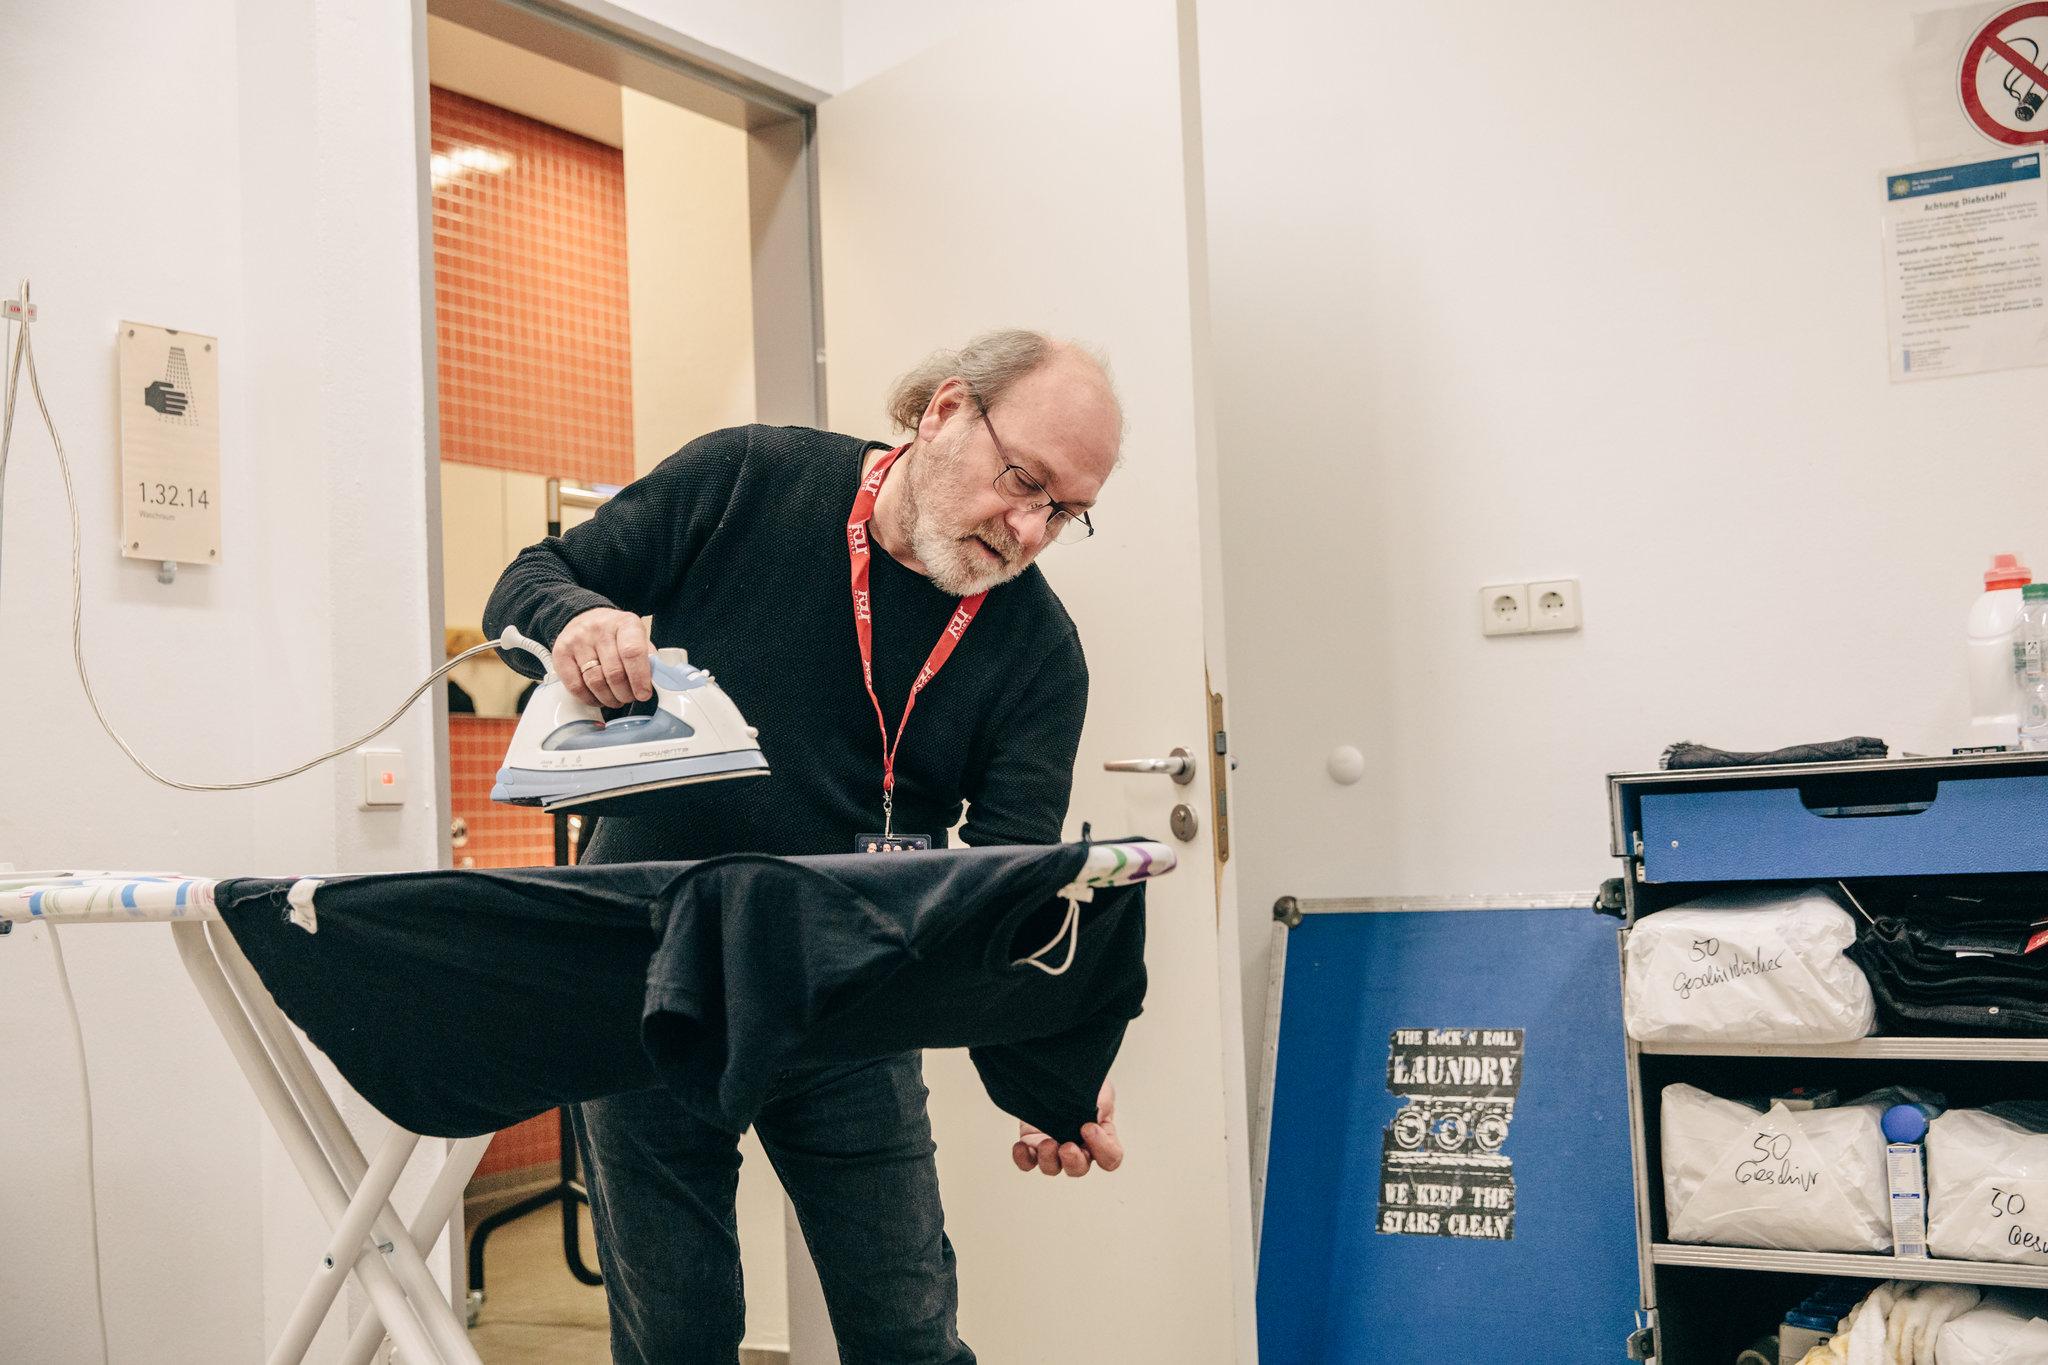 ¡JAJAJAJA! Dueño de famosa lavandería revela que la ropa de Slipknot es la más desagradable